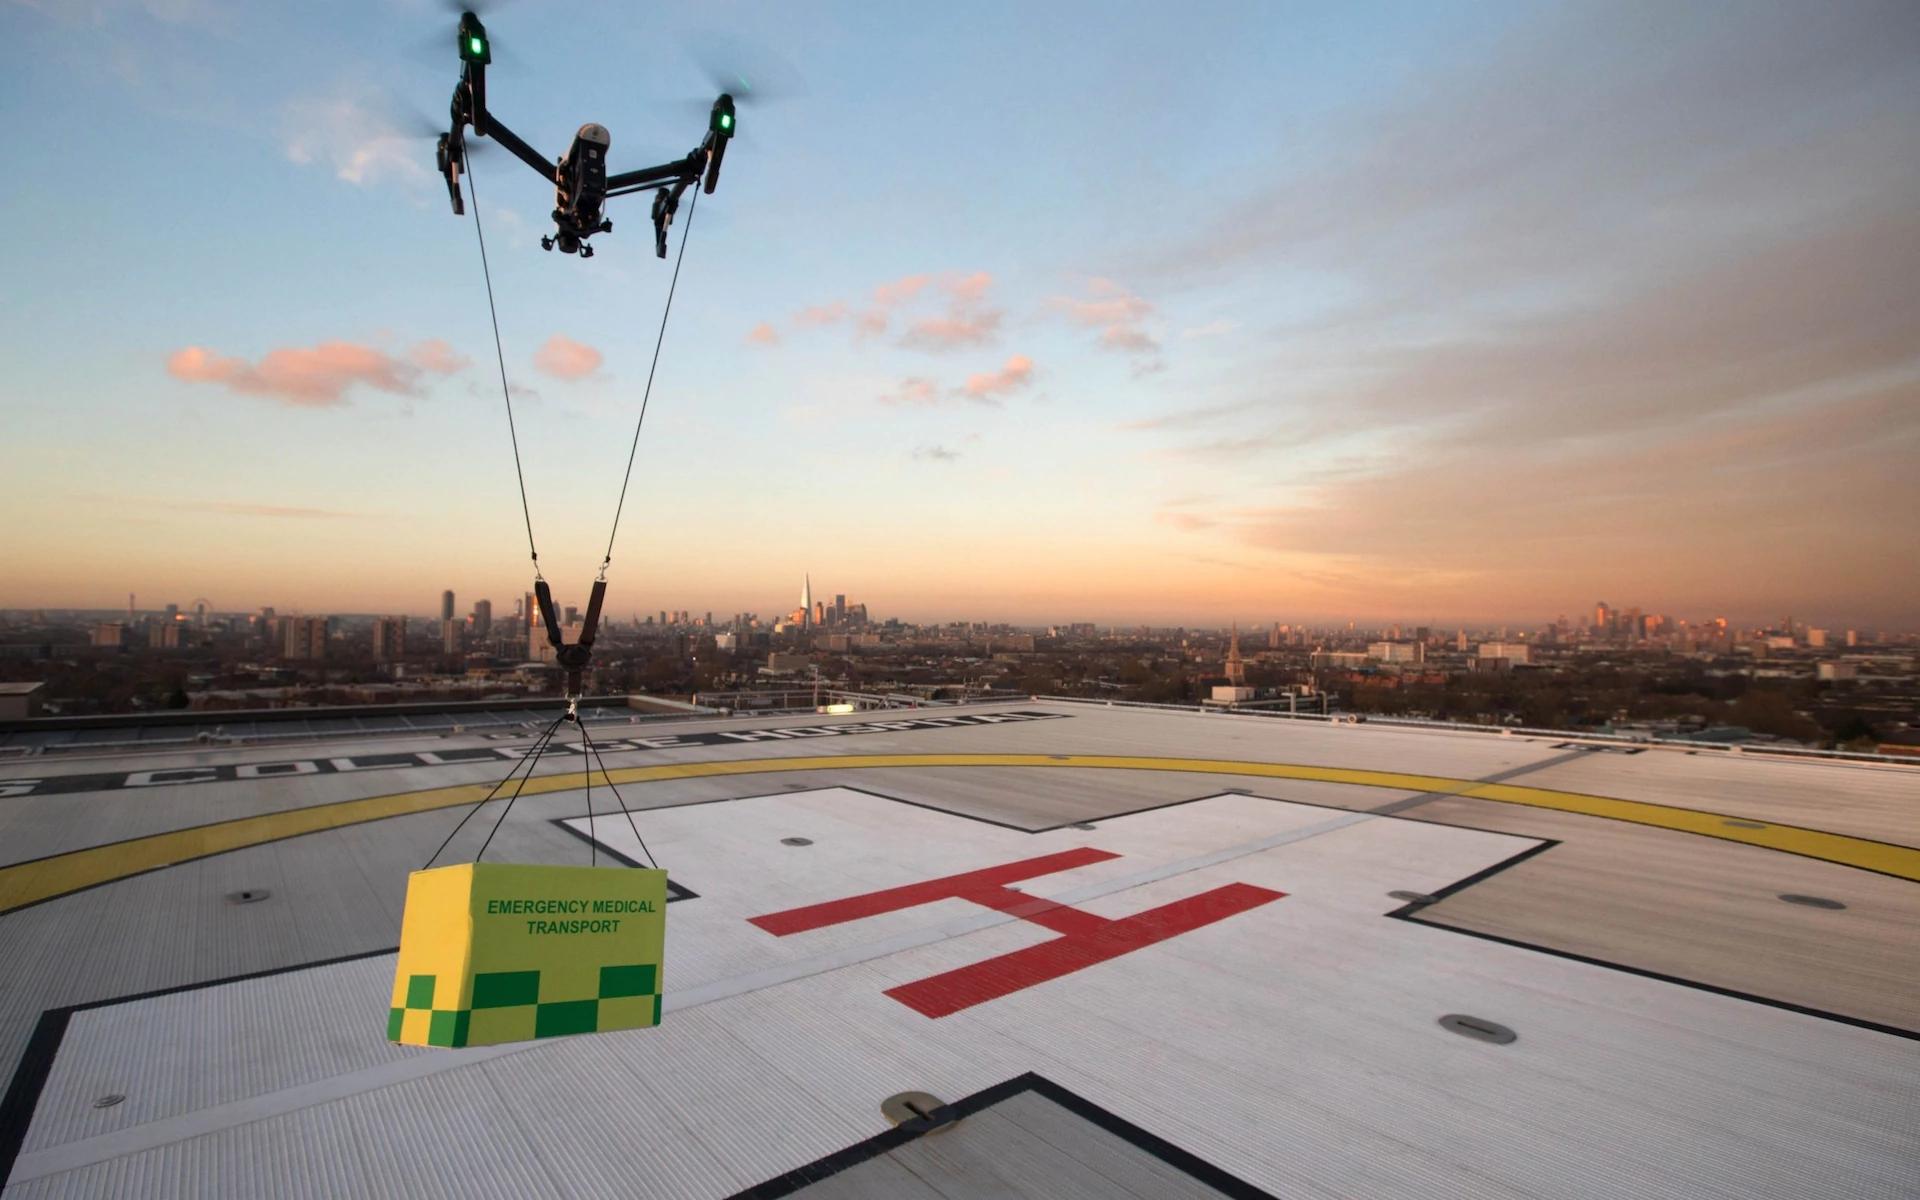 英国2019将在5城市启用无人机 为城镇提供公共事业服务